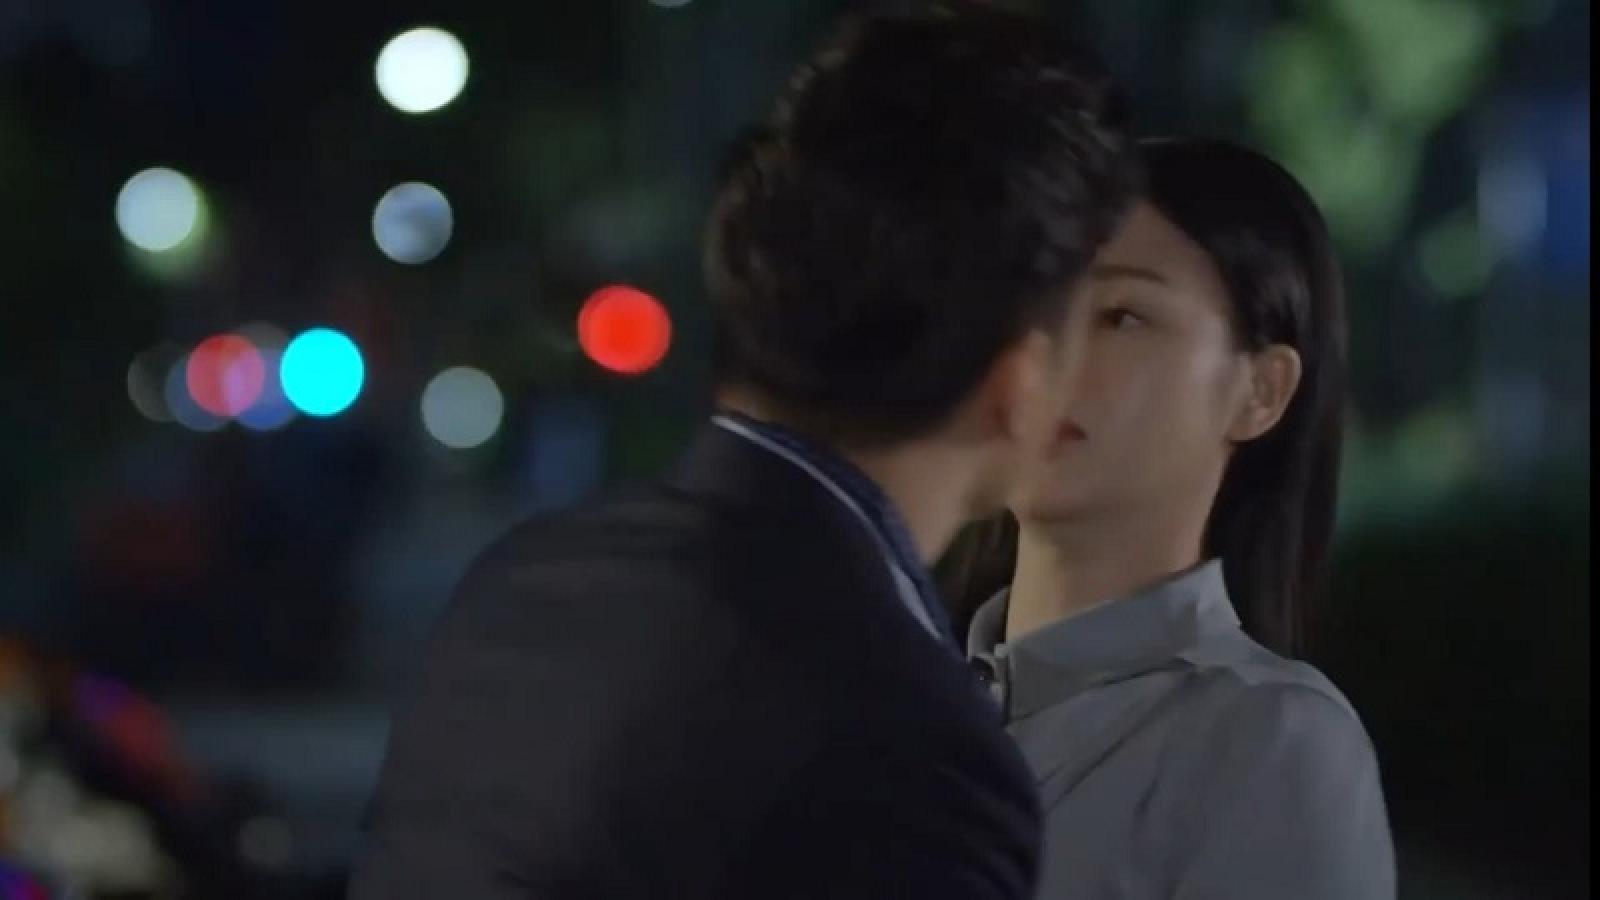 """""""Hướng dương ngược nắng"""" tập 32: Hoàng ngày càng táo bạo, bất ngờ cưỡng hôn Minh"""